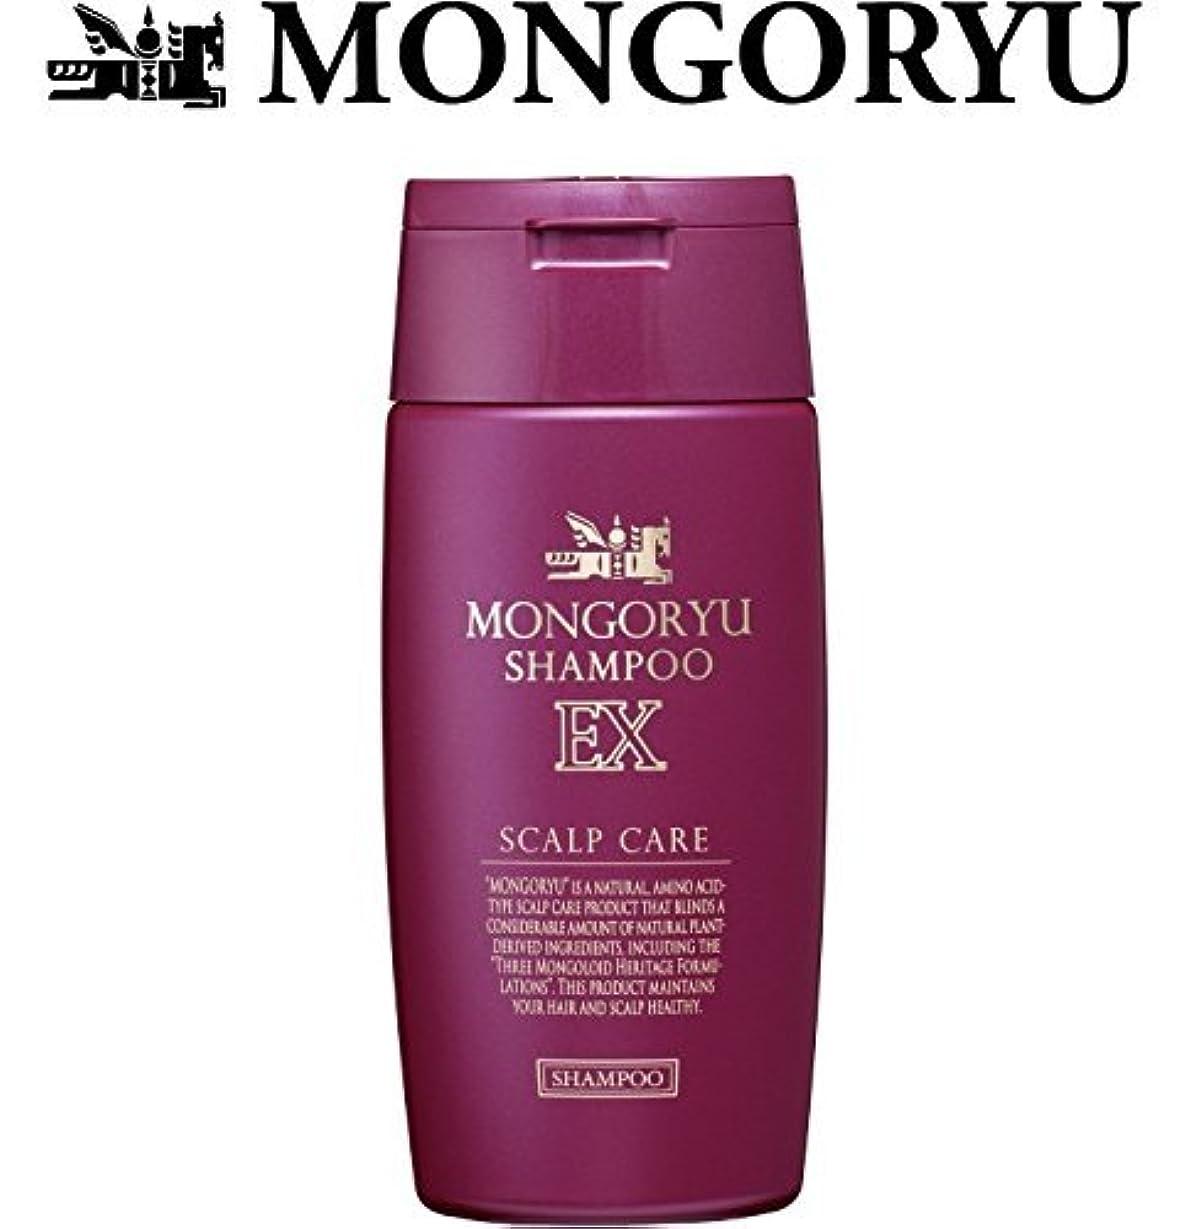 秋ライン勧めるモンゴ流 スカルプシャンプーEX 200ml / 【2018年 リニューアル最新版】 フレッシュライムの香り MONGORYU